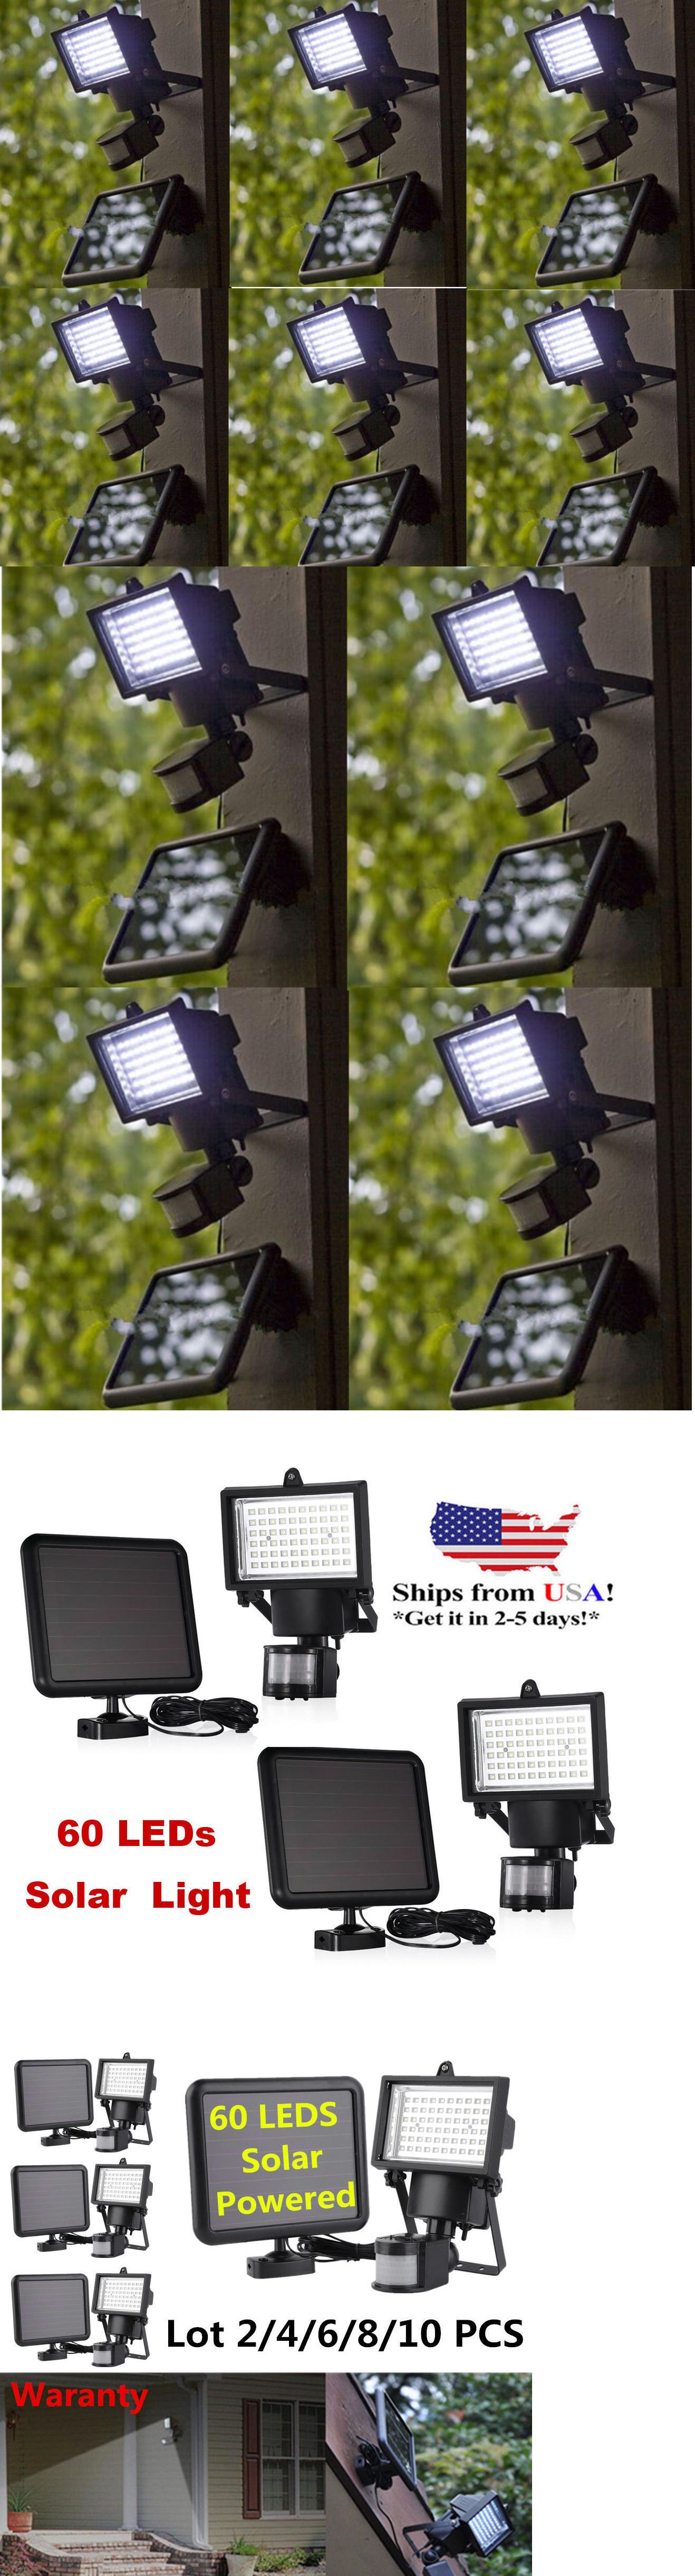 Best Of solar Powered Walkway Lights